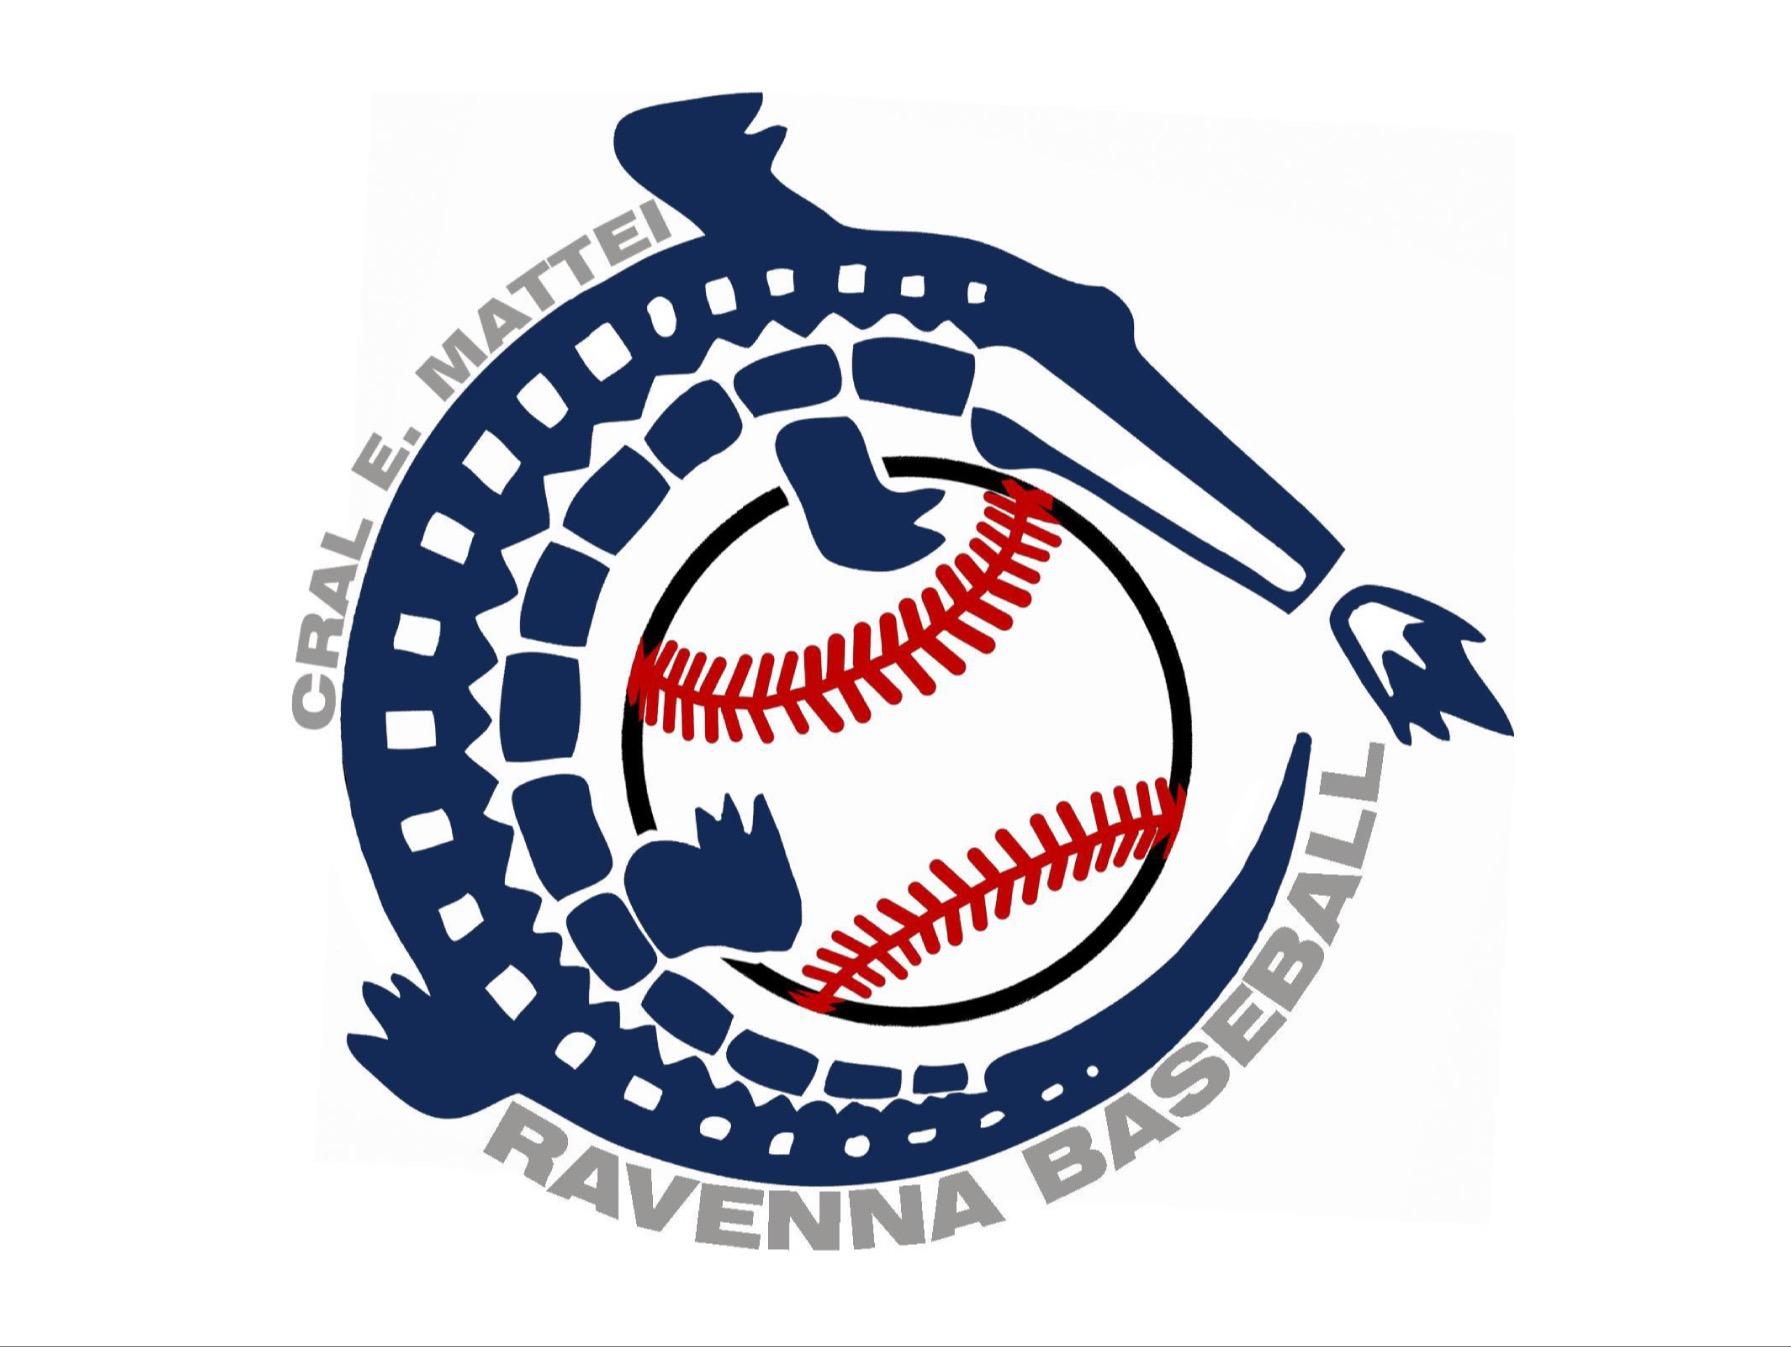 RAV flag